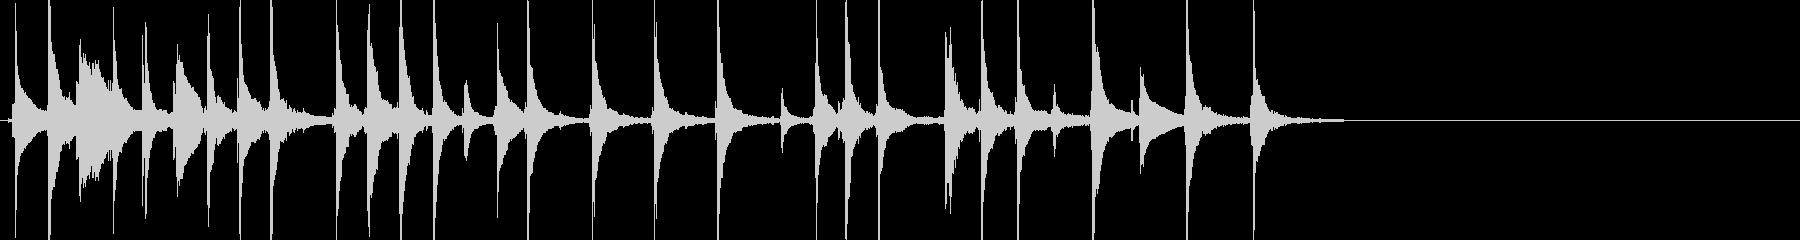 三味線95鷺娘27打込生音歌舞伎妖怪鷺雪の未再生の波形